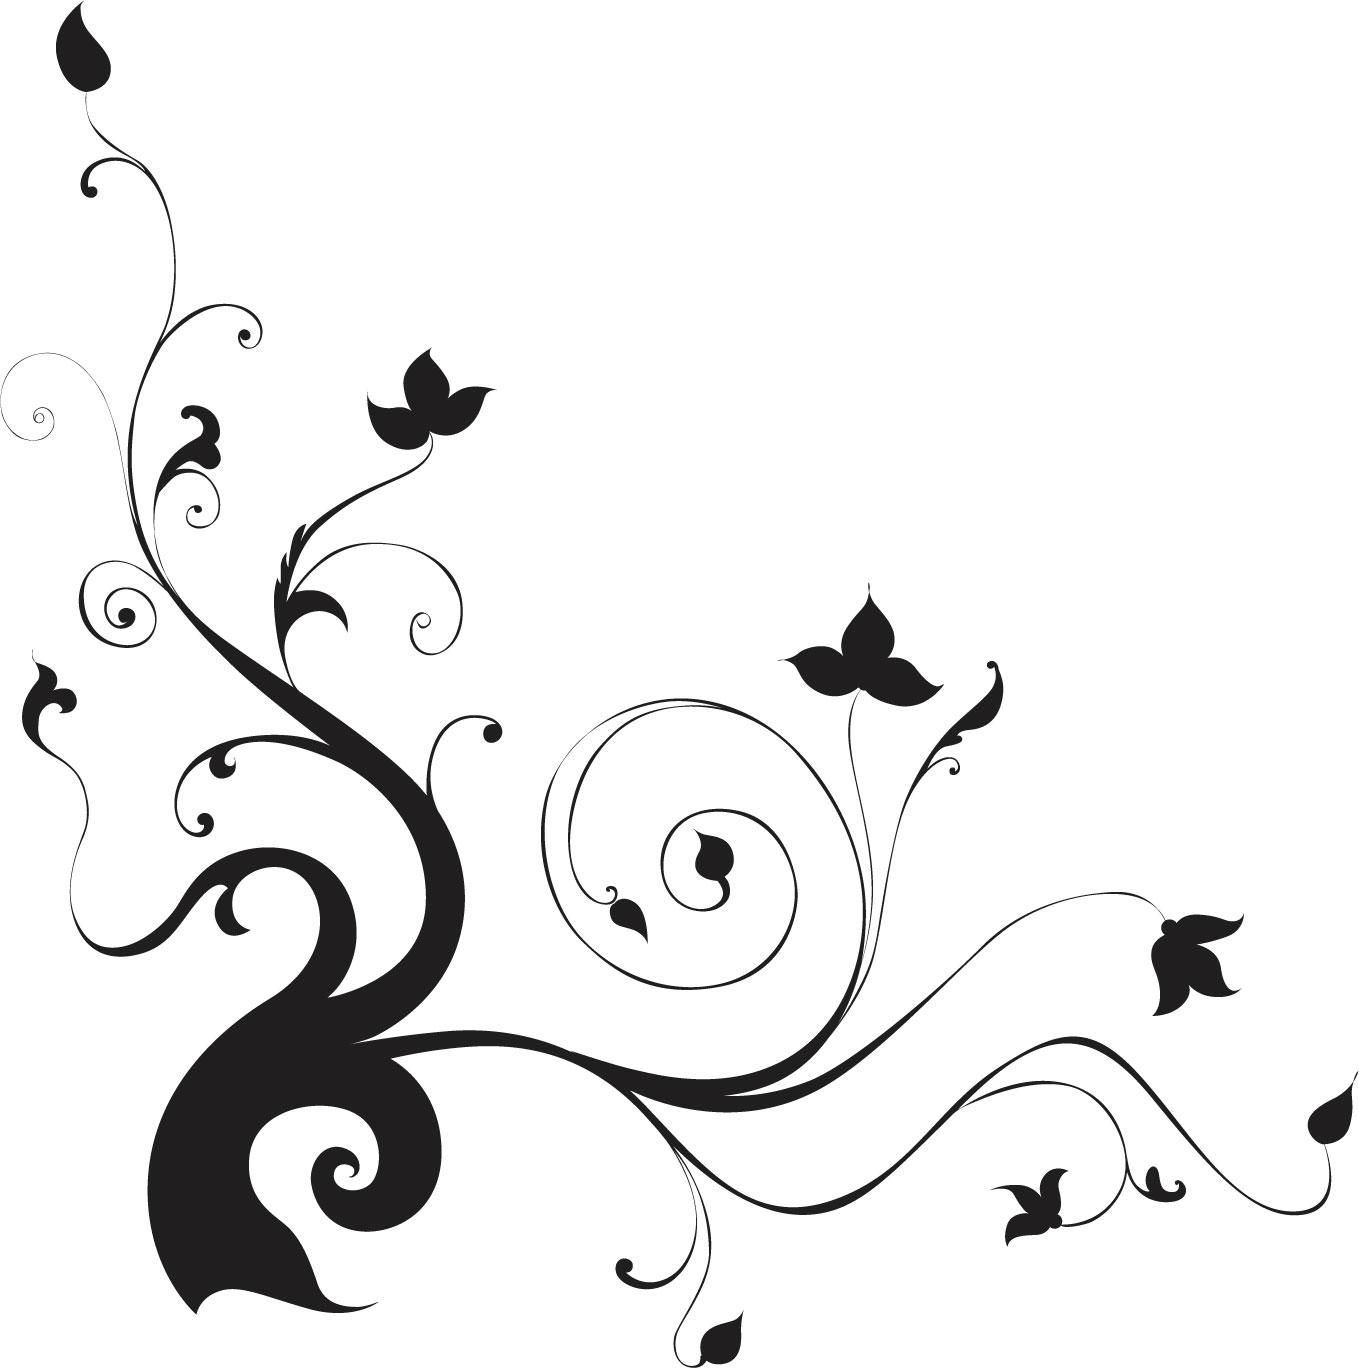 葉っぱや草木のイラスト『コーナーライン(角)』/無料のフリー素材集